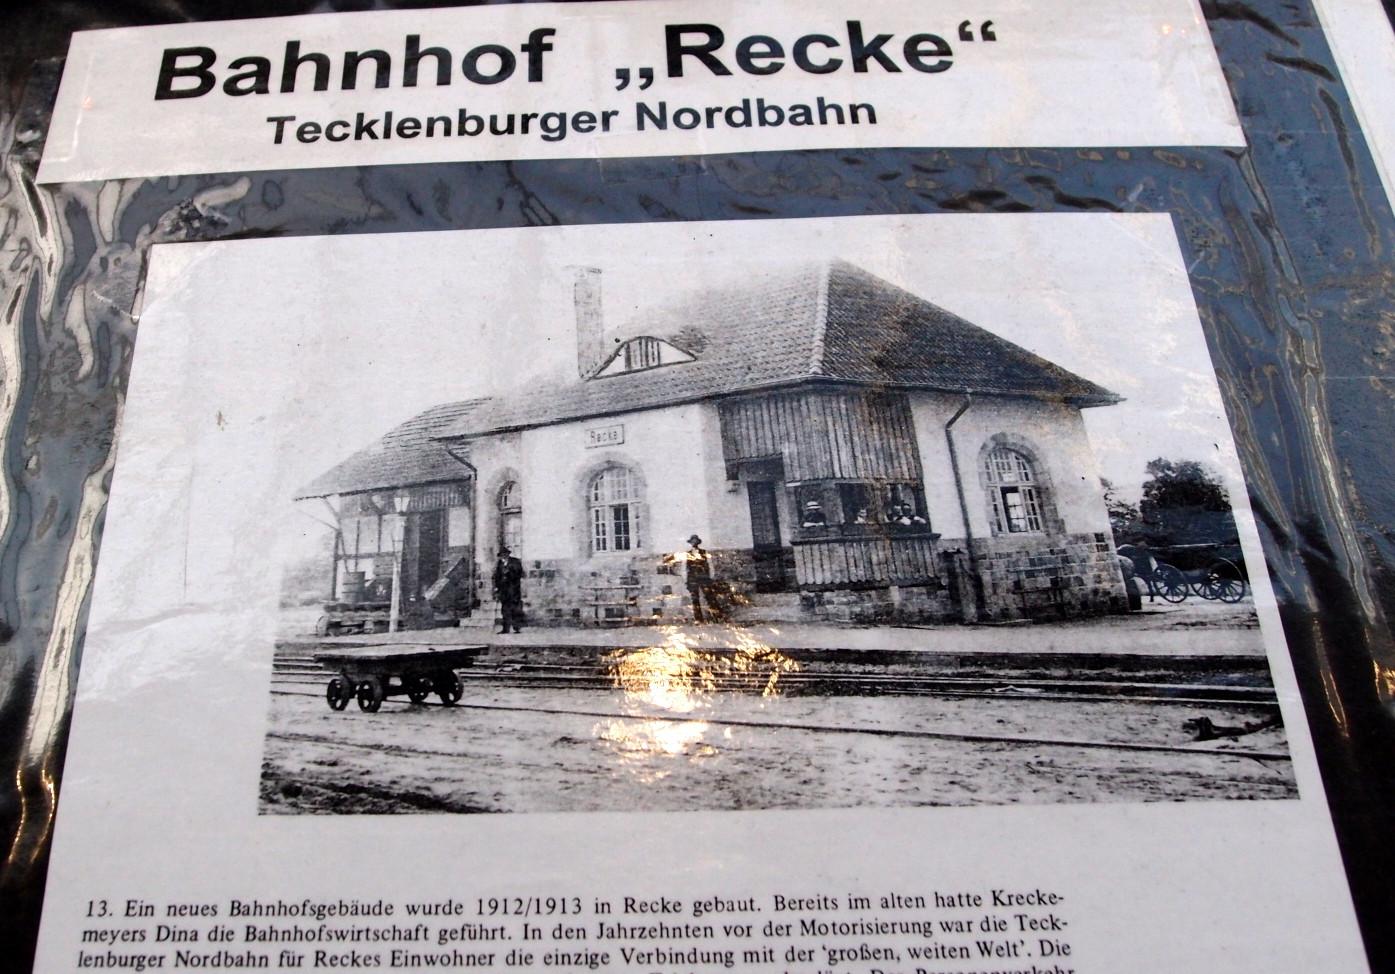 Vorbildkunde Freunde Tecklenburger Nordbahn